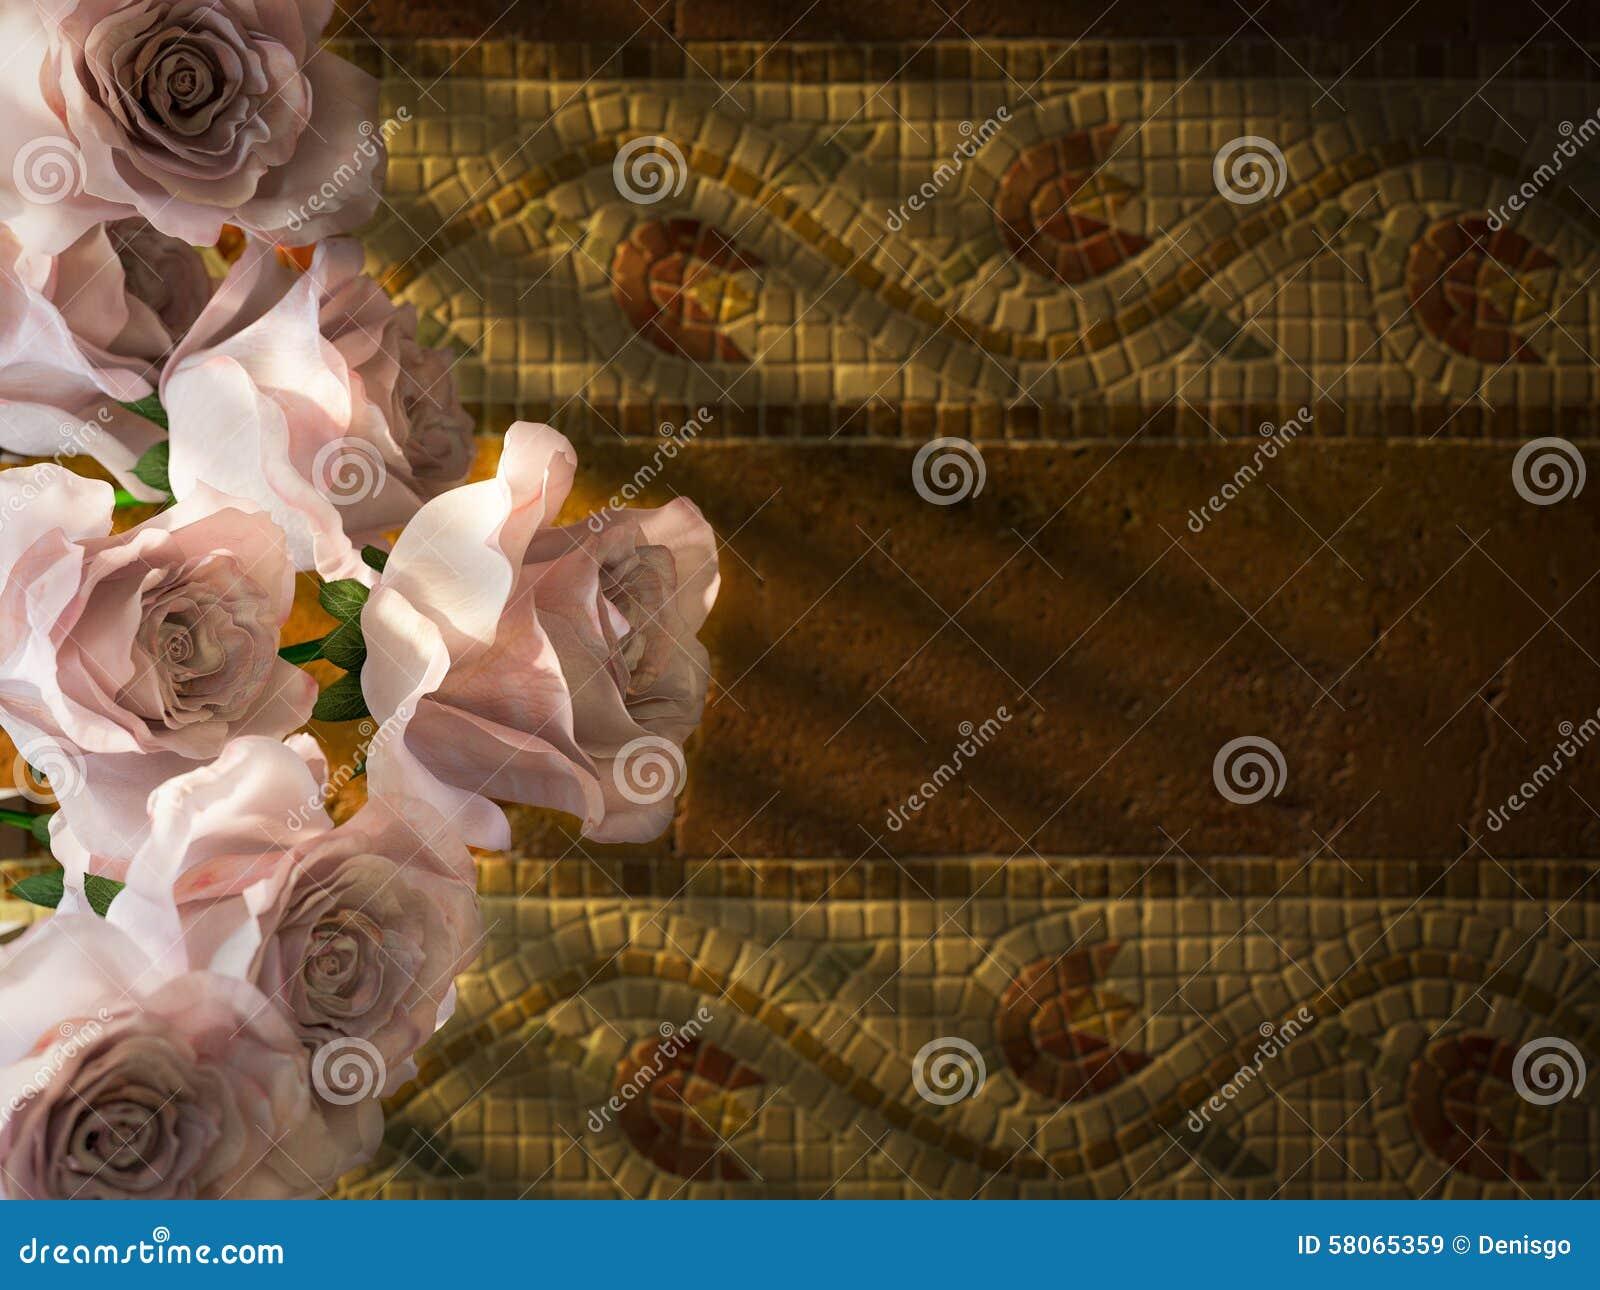 wei e rosen auf dekorativem hintergrund der alten wand stockfoto bild 58065359. Black Bedroom Furniture Sets. Home Design Ideas